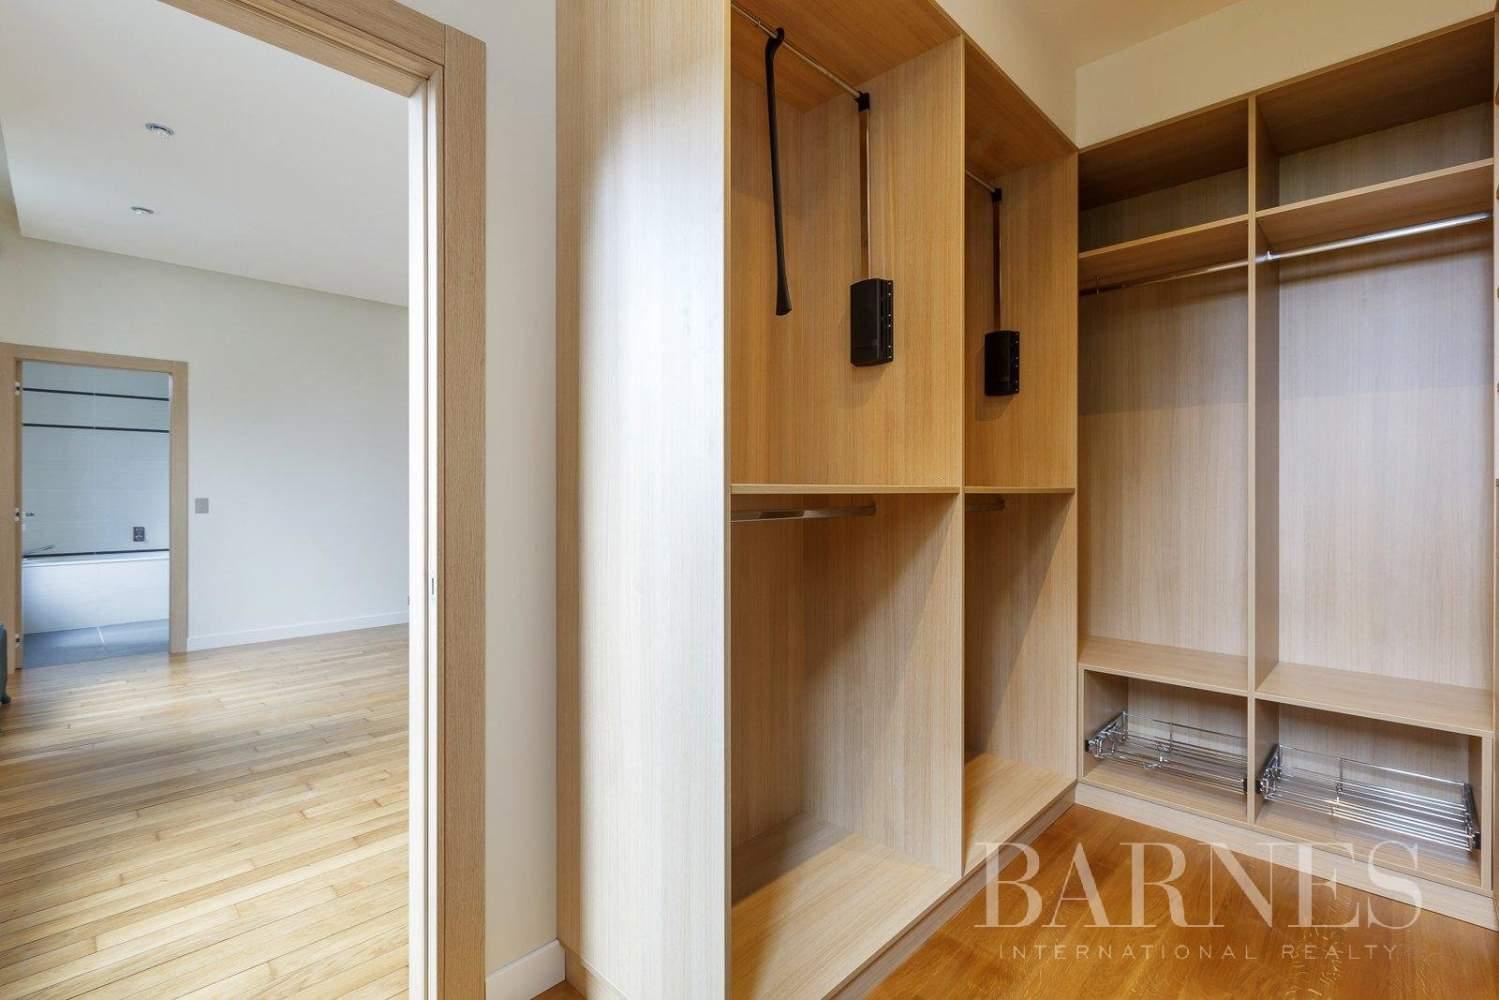 Saint-Germain-en-Laye  - Appartement 8 Pièces 6 Chambres - picture 14